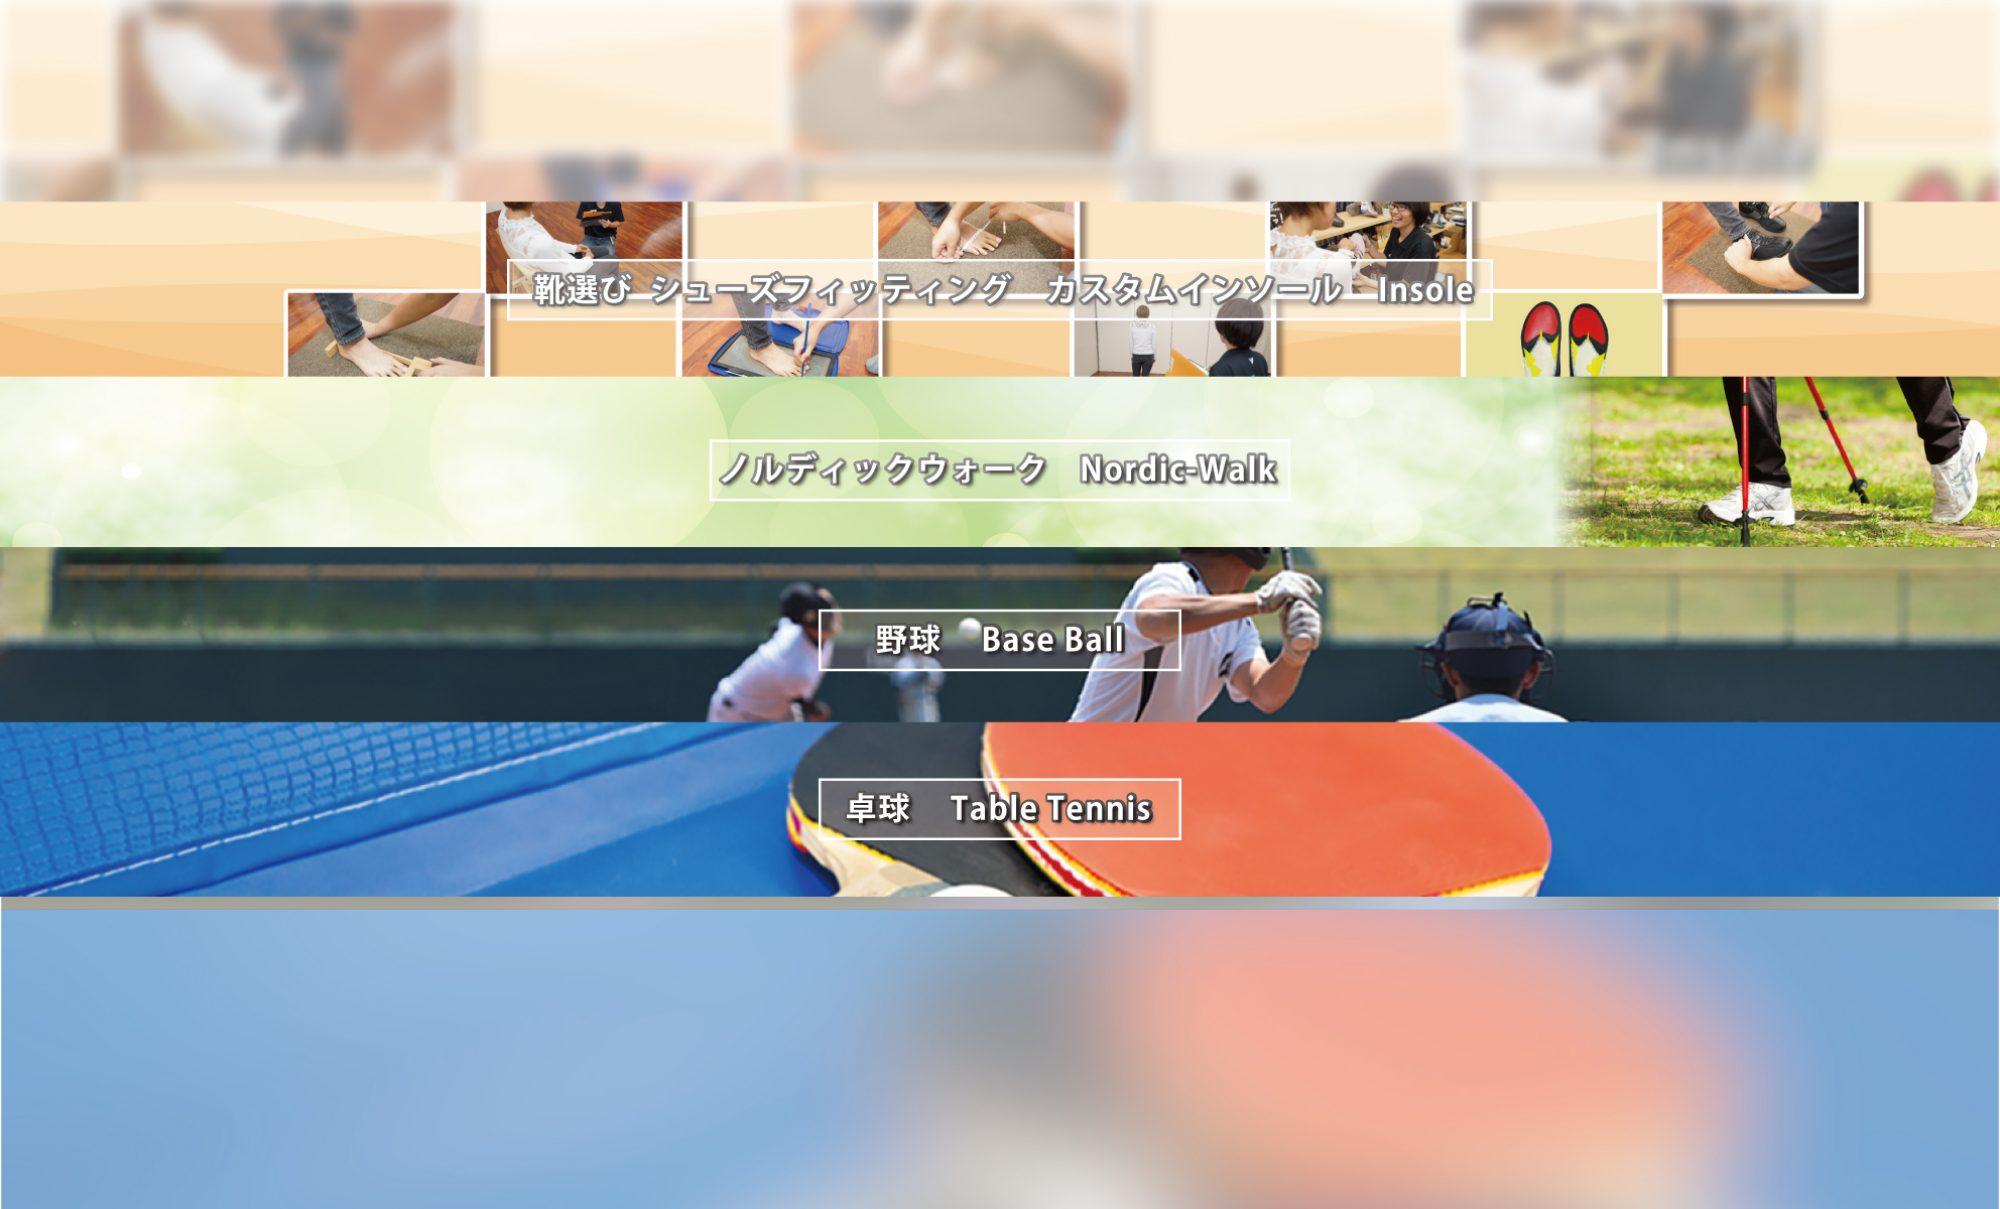 野沢スポーツ 埼玉県 東松山市 野球 卓球 靴 の野沢スポーツ